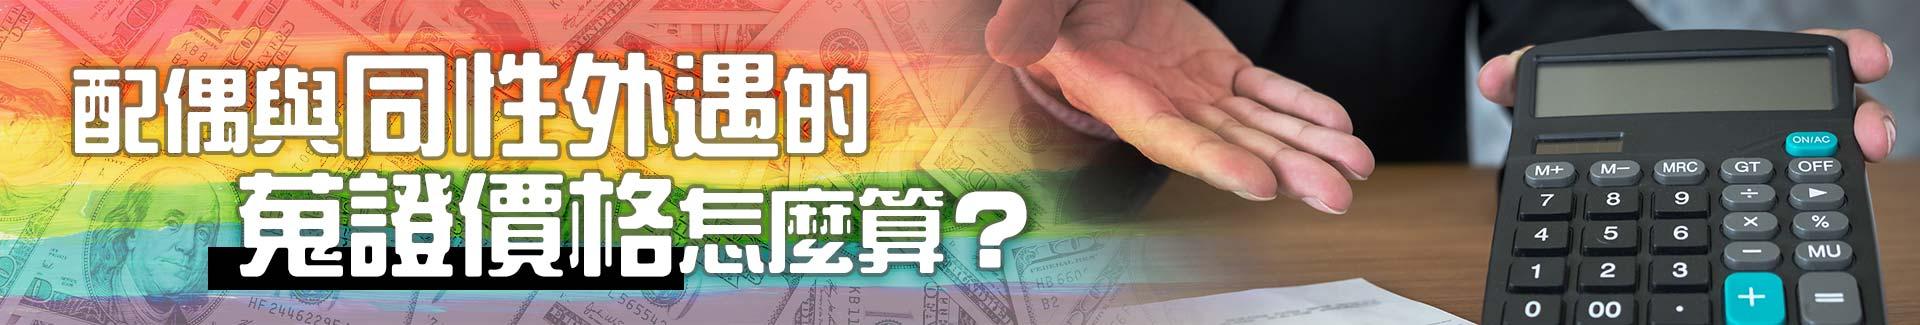 配偶跟同性外遇的徵信社蒐證價格怎麼算?